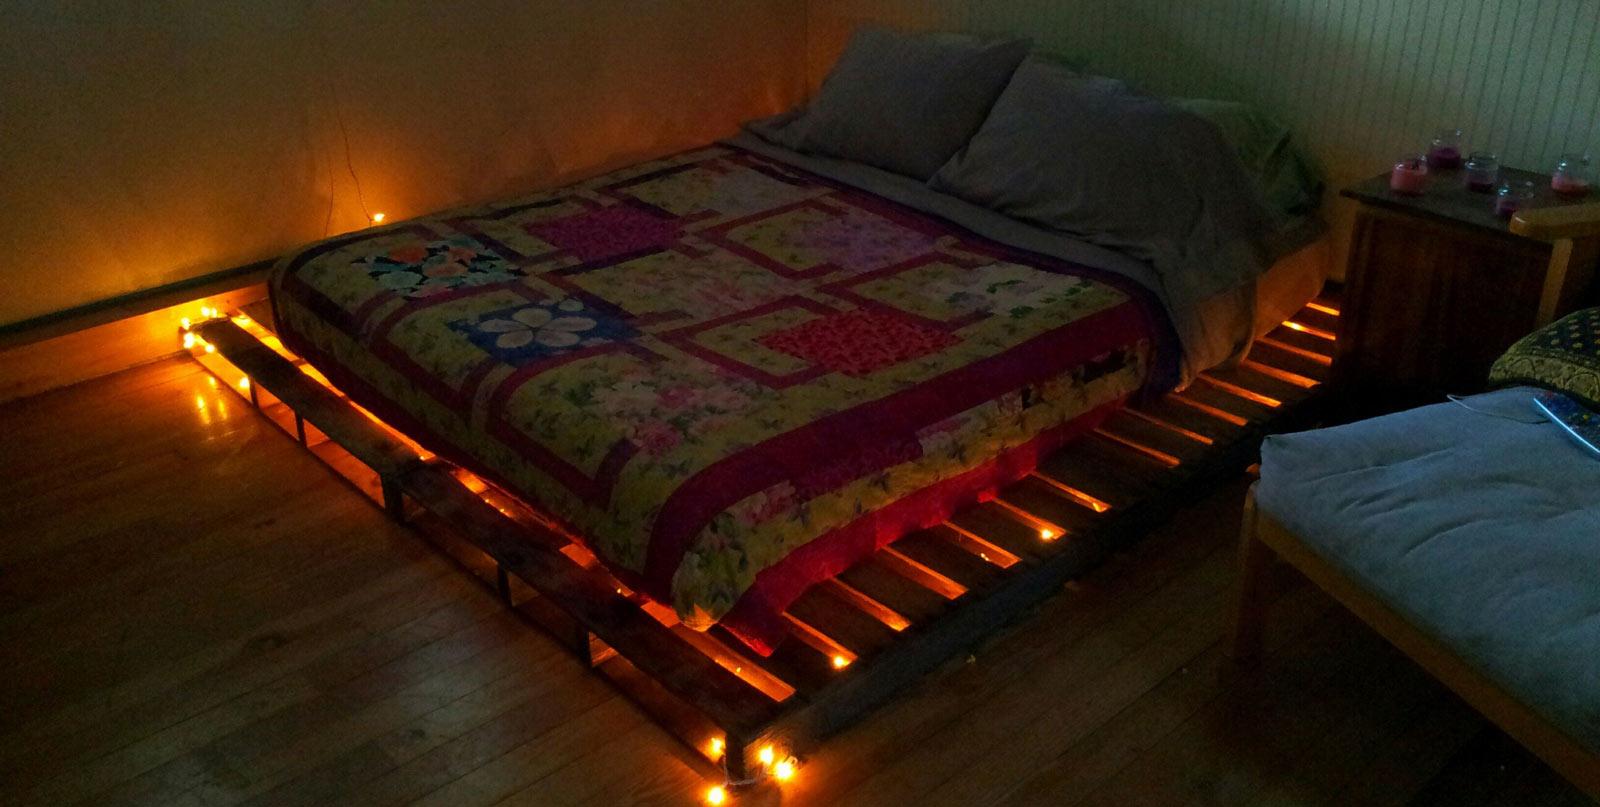 ساخت تختخواب ارزان با پالت های چوبی!